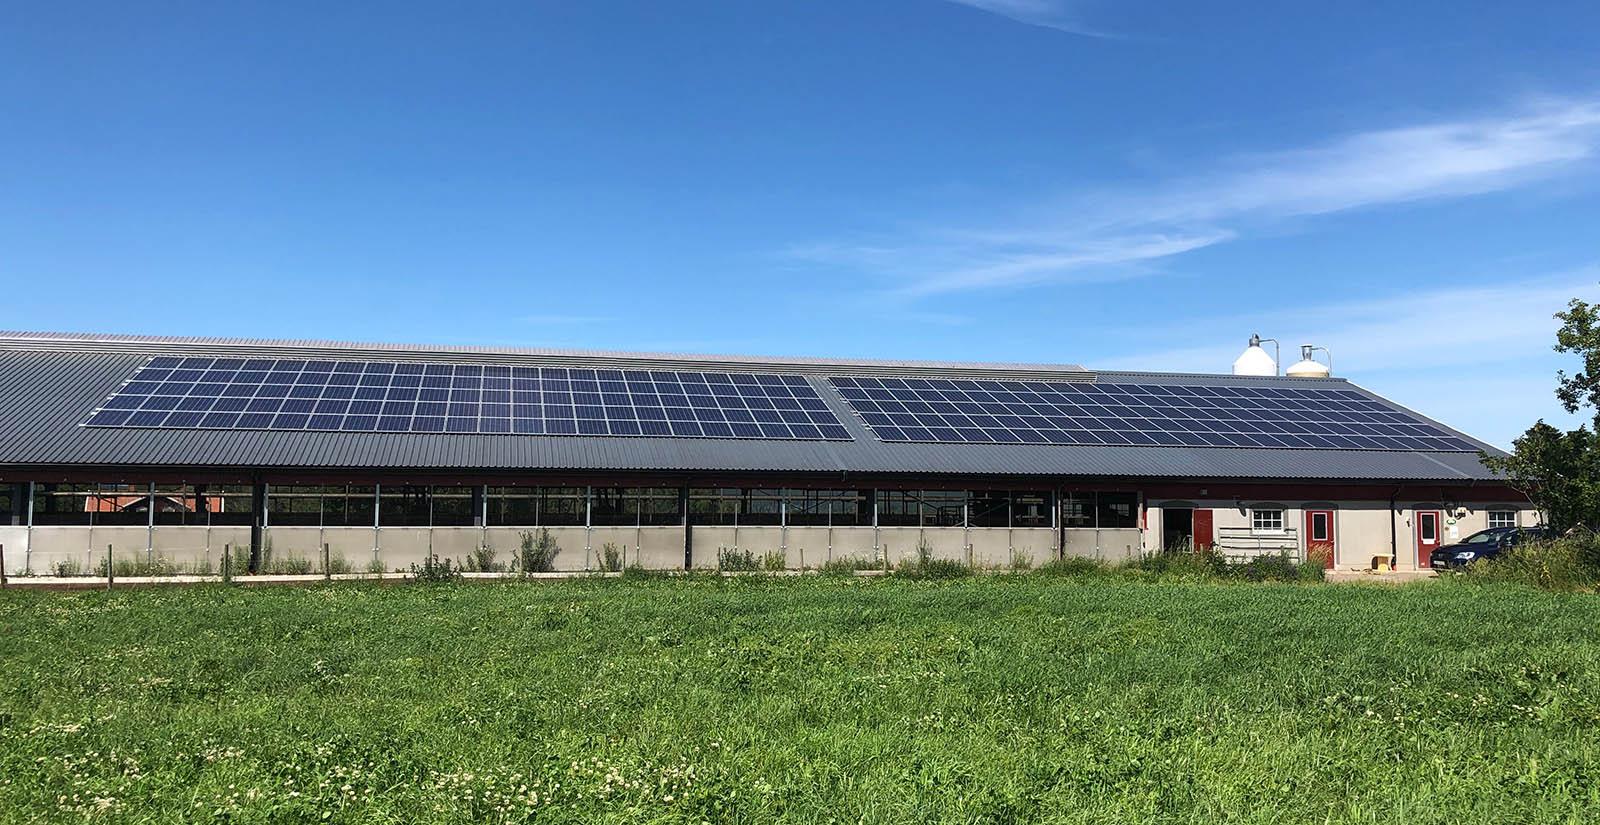 Solceller Tranås. Solpaneler på taket av en fastighet.